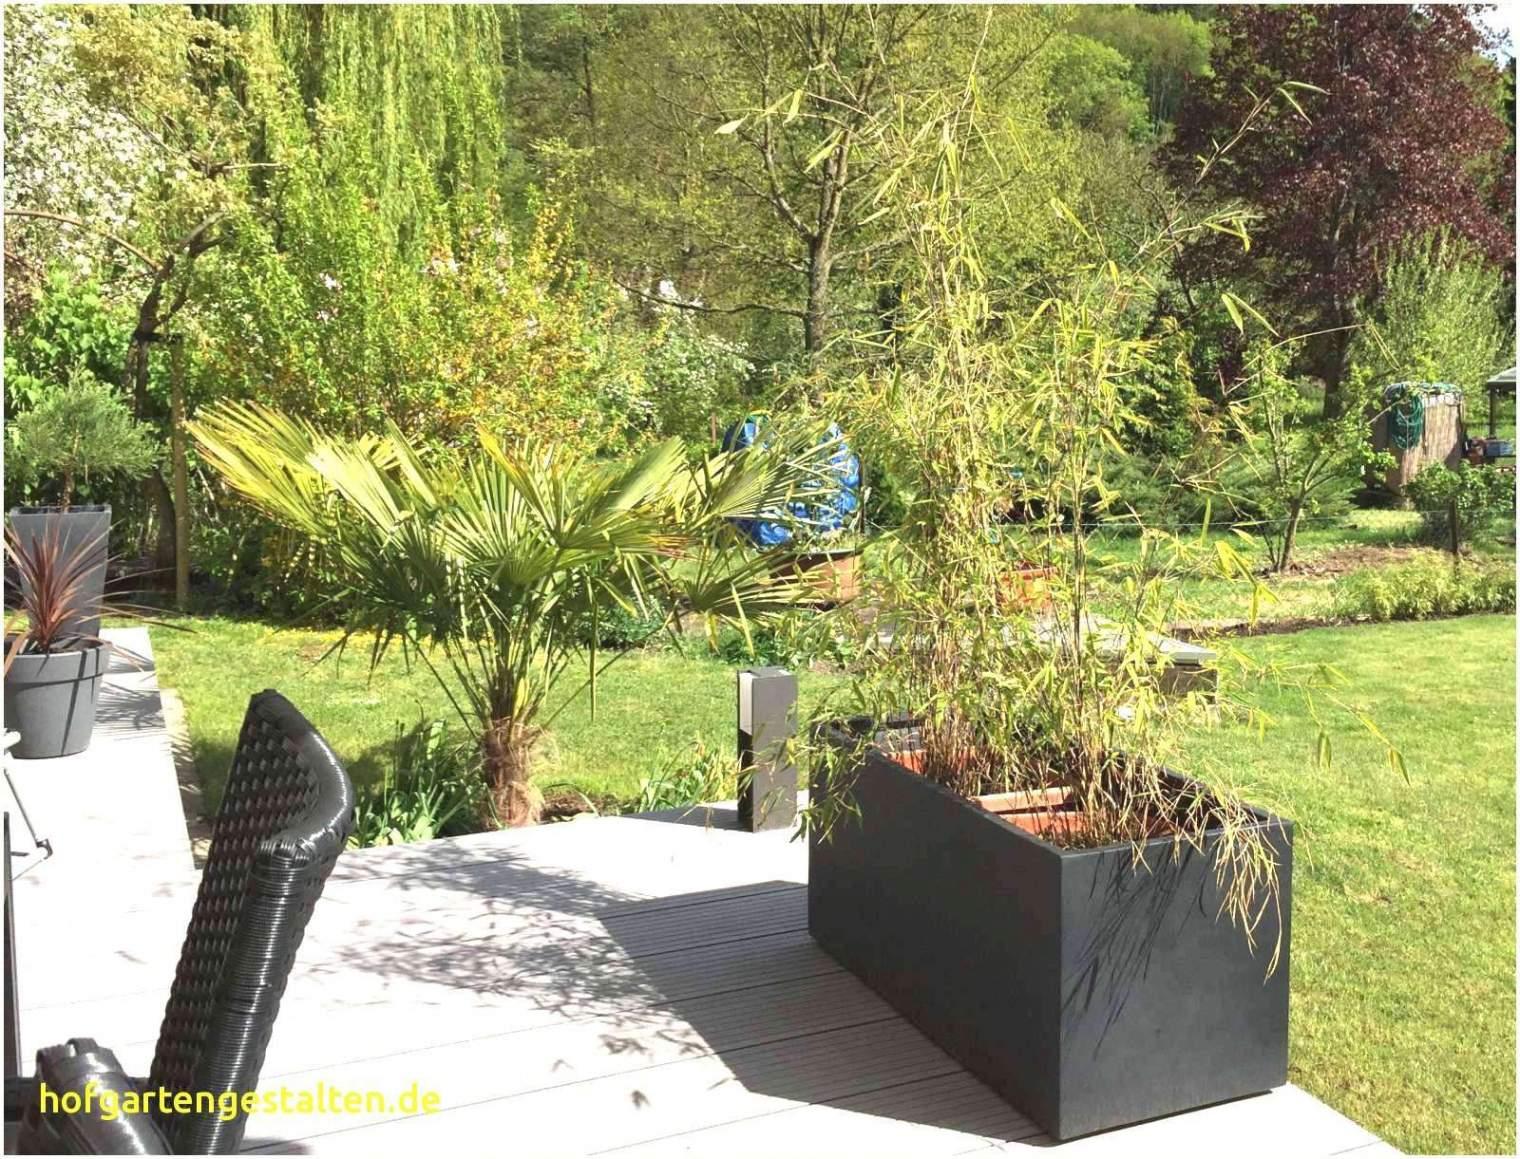 42 luxus gartenteich bepflanzen anleitung pic sichtschutz zum bepflanzen sichtschutz zum bepflanzen